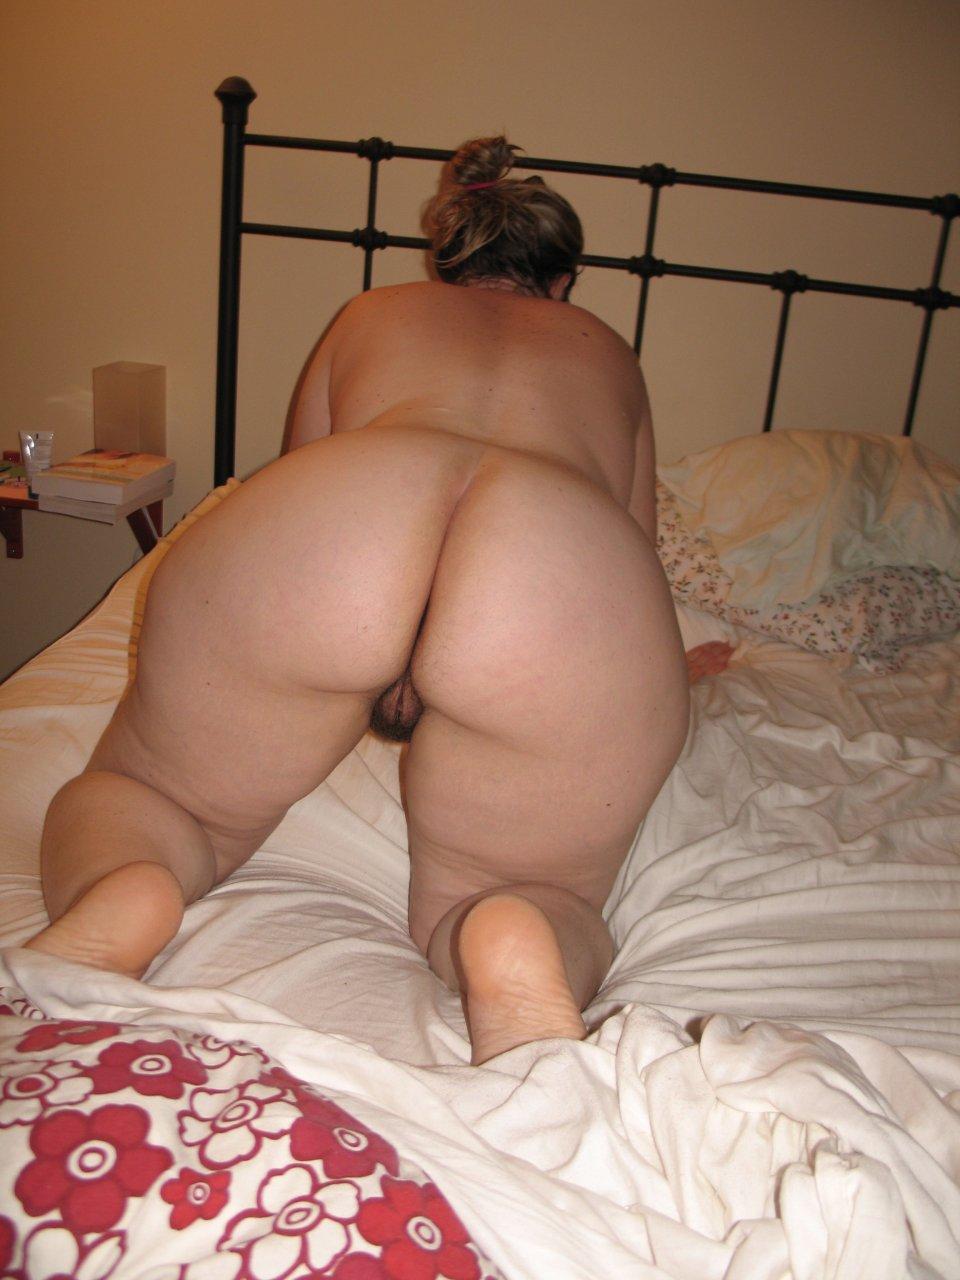 Big booty mature nude pics, women porn photos